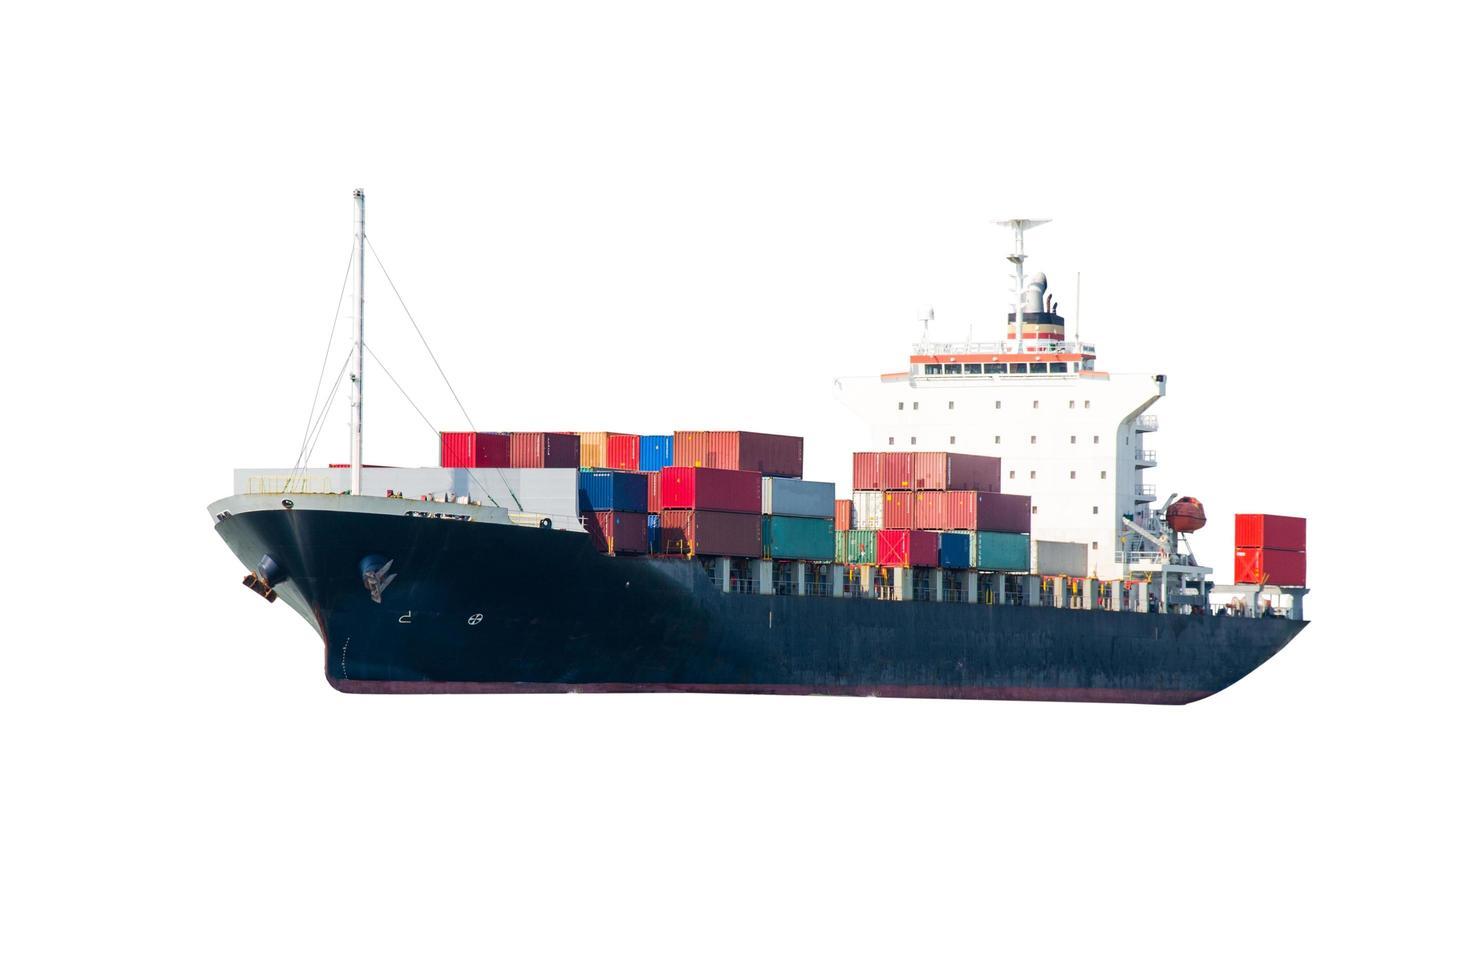 nave da carico container su sfondo bianco foto